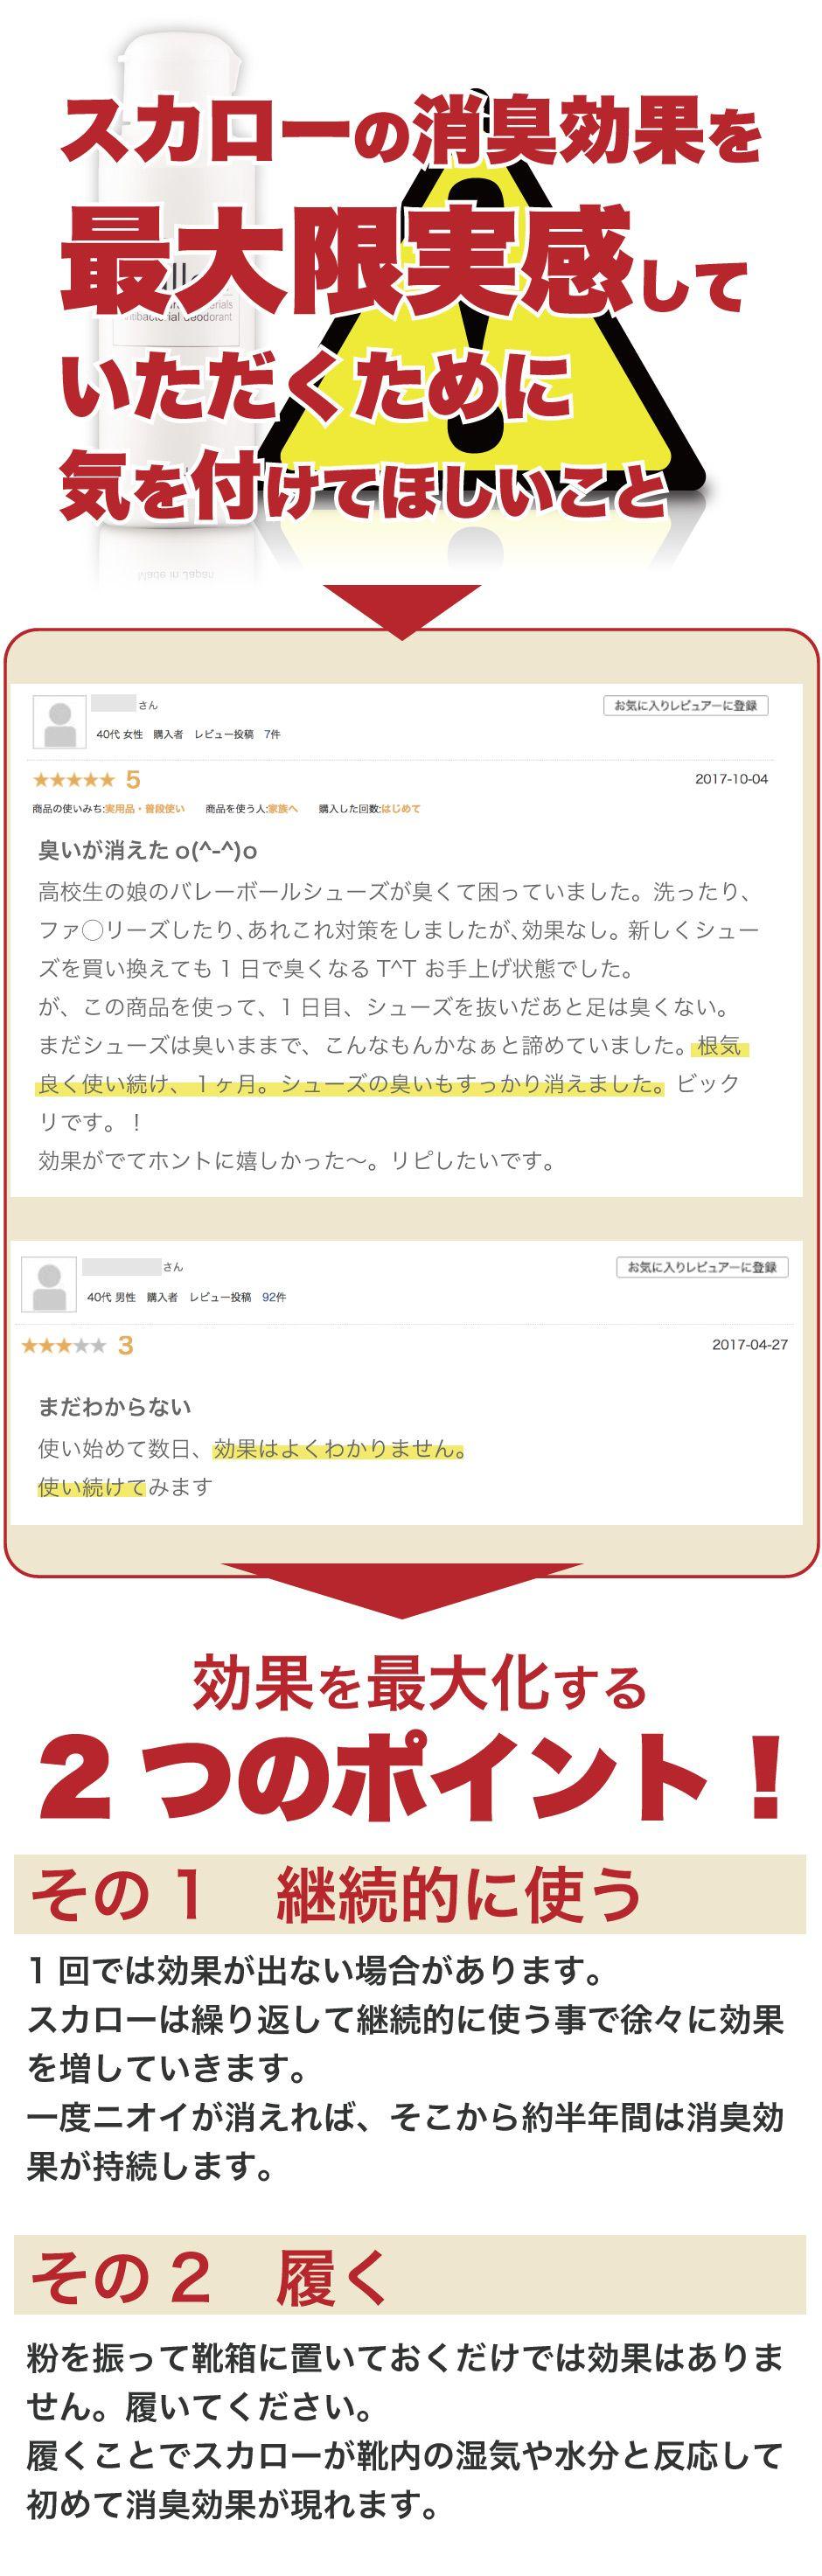 """""""効果を最大限にする方法 review抜粋""""/"""